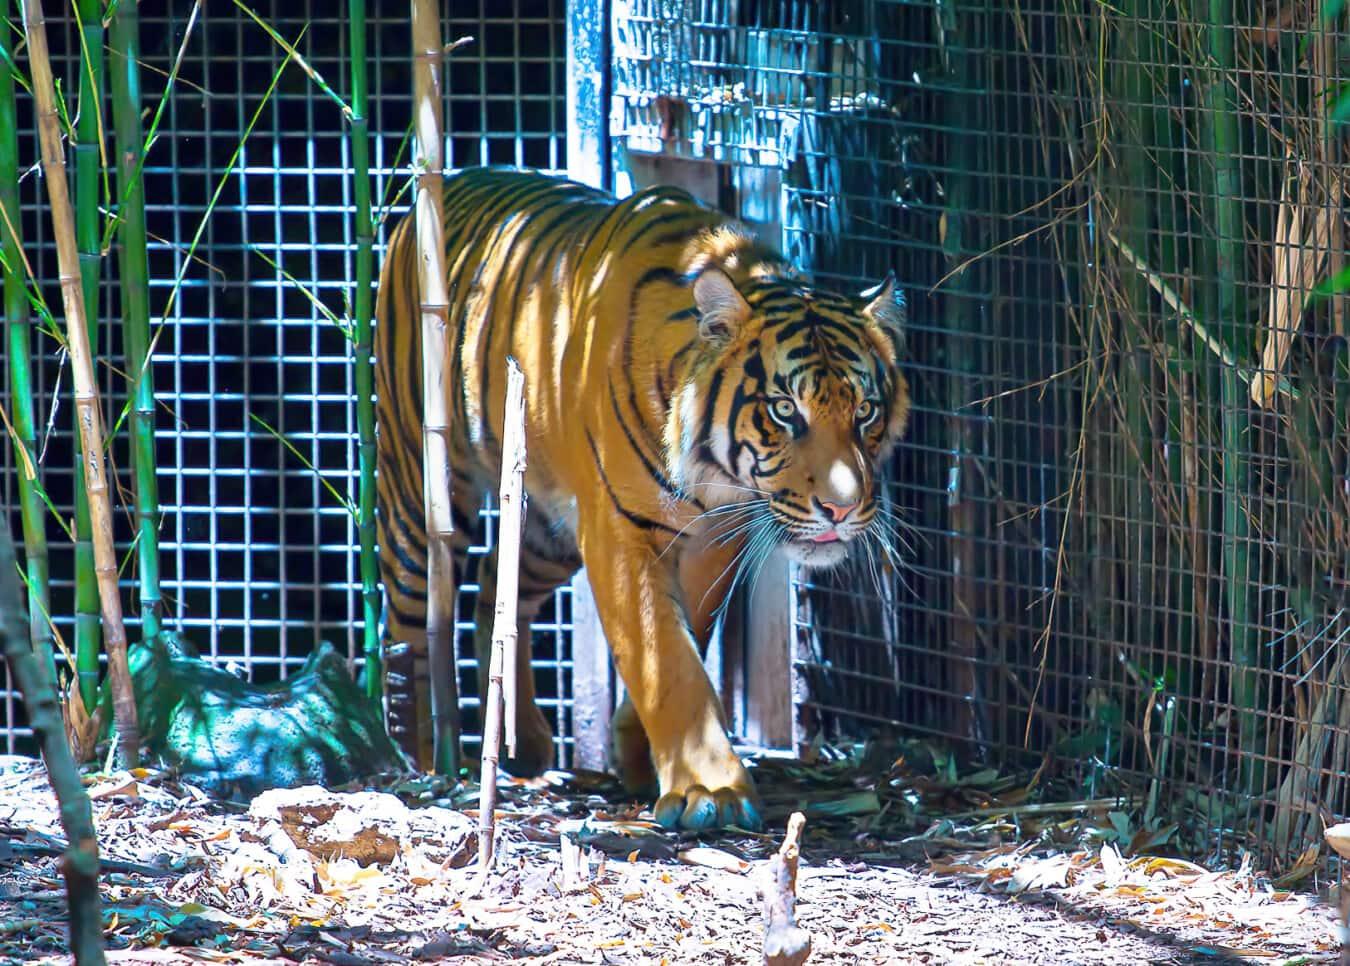 Tiger, Predator, Pelz, katze, wild, katzenartig, Tierwelt, Streifen, Dschungel, groß